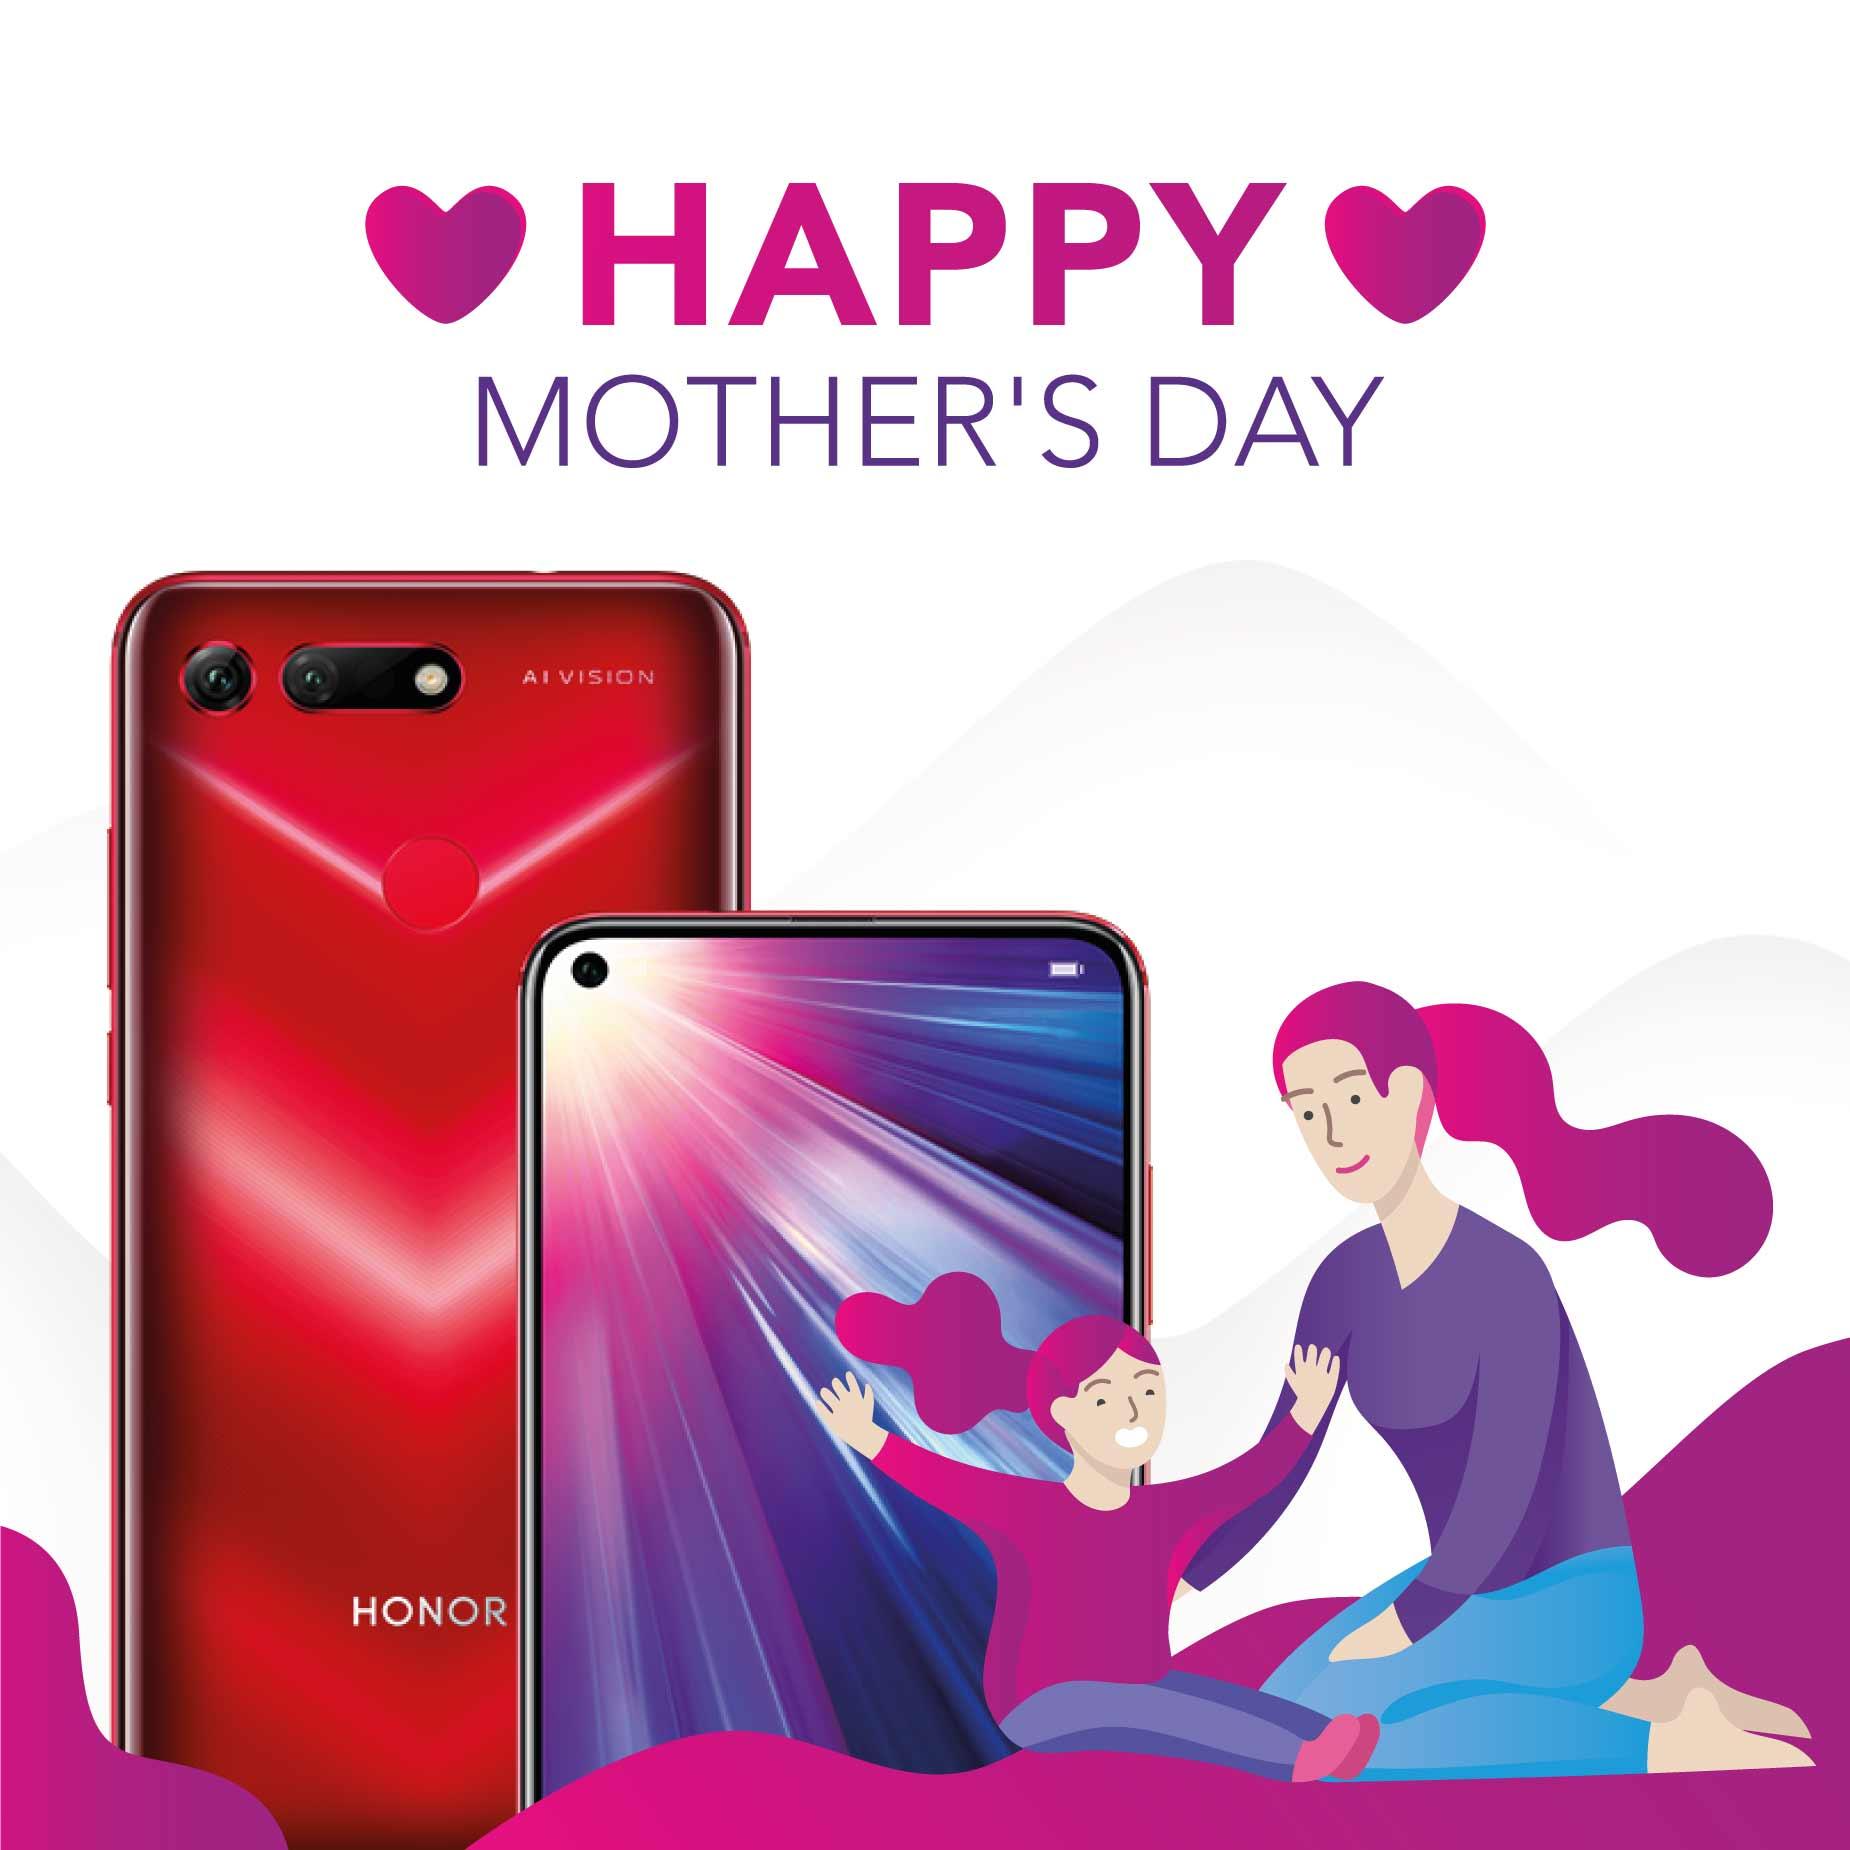 هدايا رائعة للأمهات في عيدهن...هواتف ذكية متفوقة من HONOR